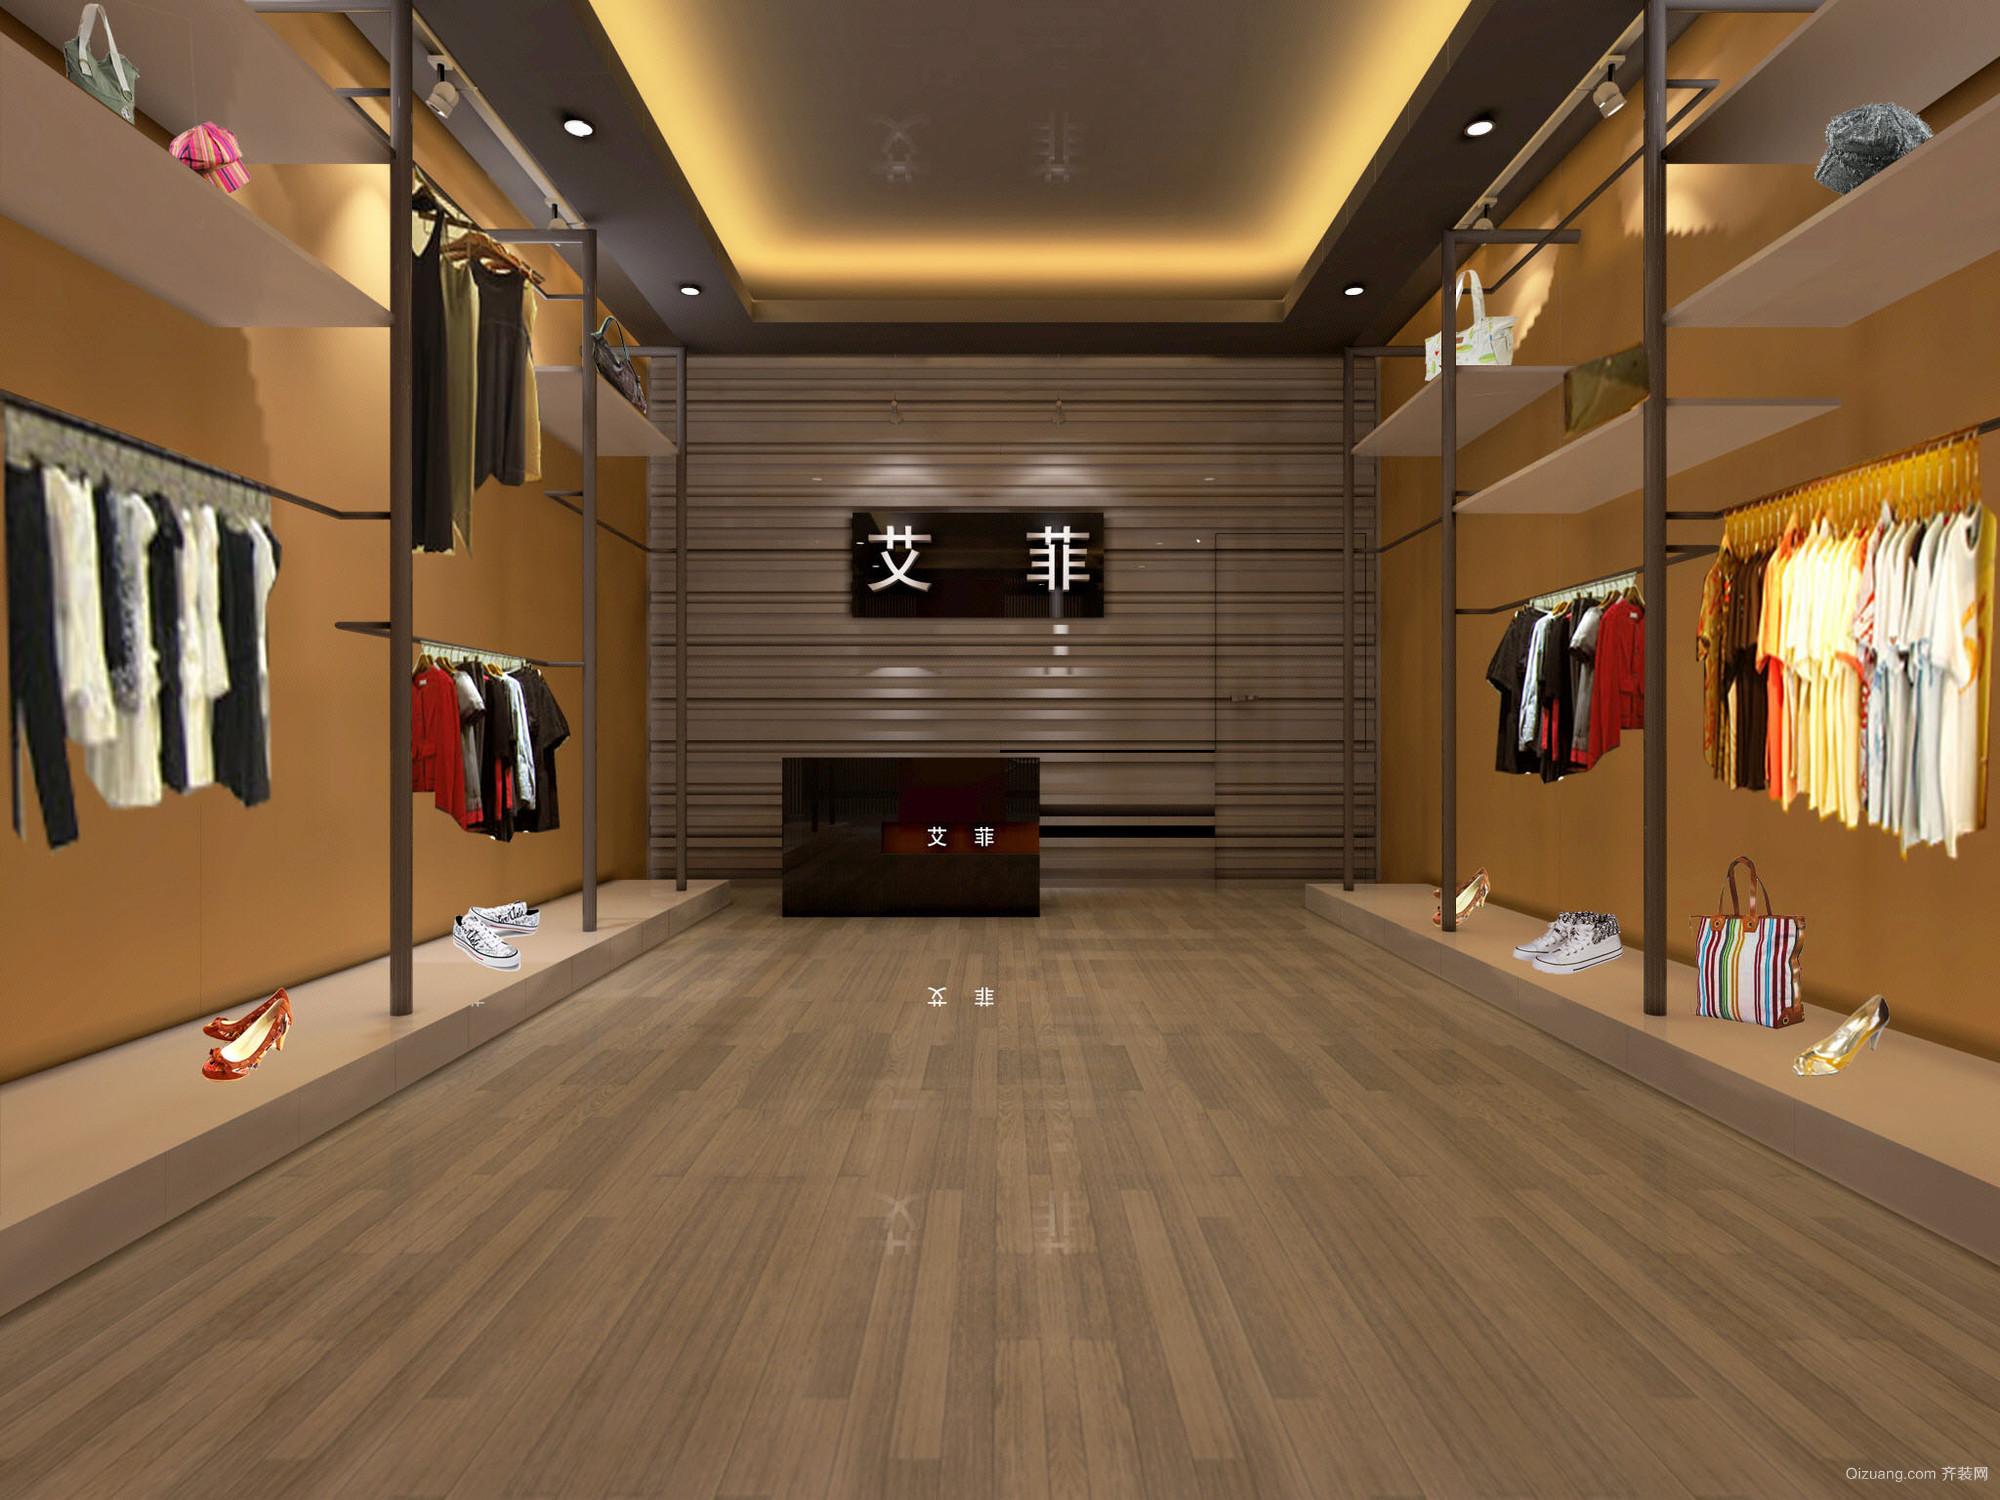 中小型服装店背景墙装修设计效果图